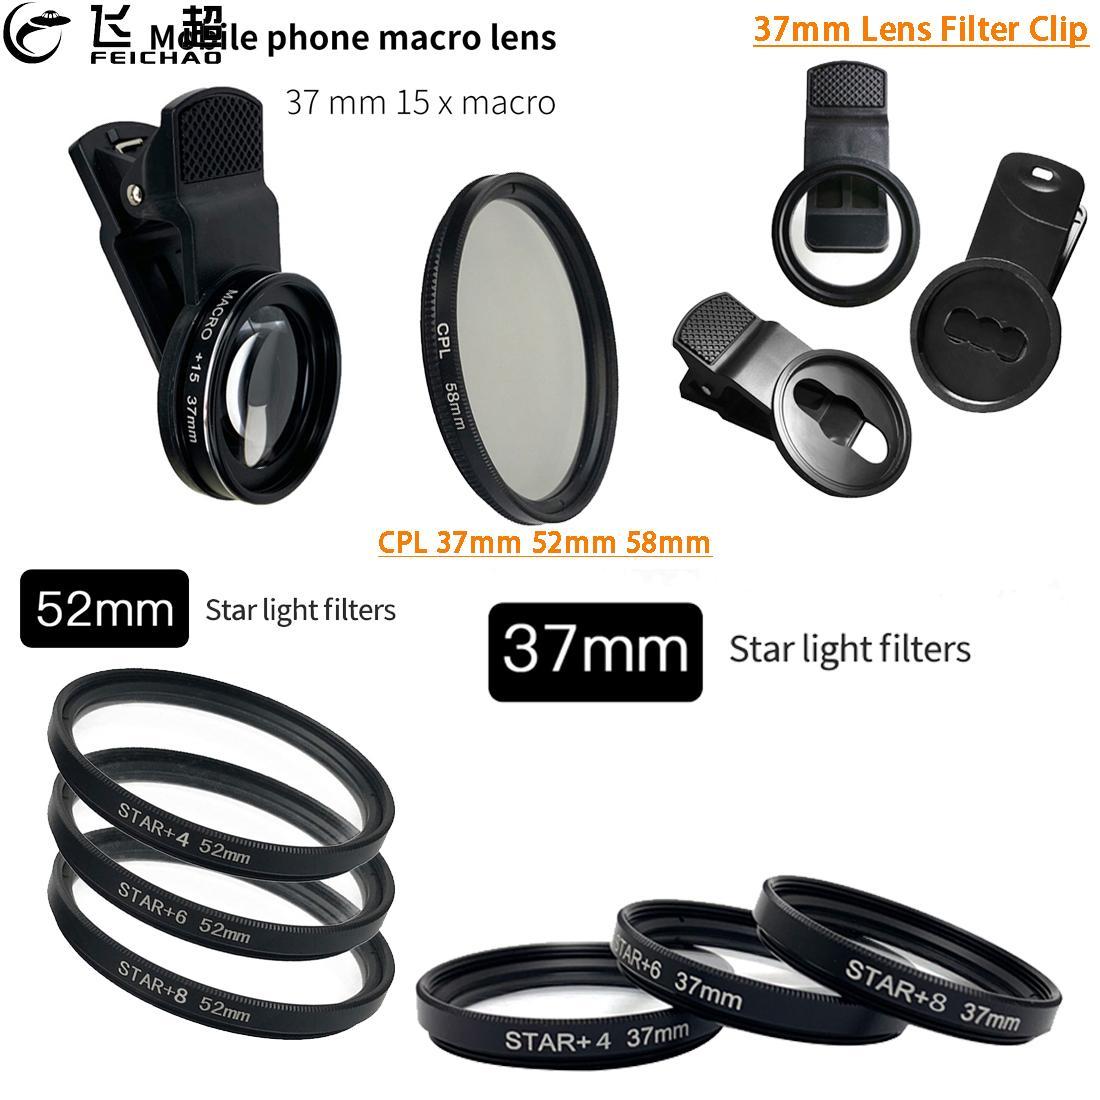 Макро 15X 20X Камера Комплект фильтров для объектива с ультратонкой оправой 37 мм для Мобильный телефон клип 52 мм 58 мм для SLR Камера 4x 6x 8x УФ Star Line ...